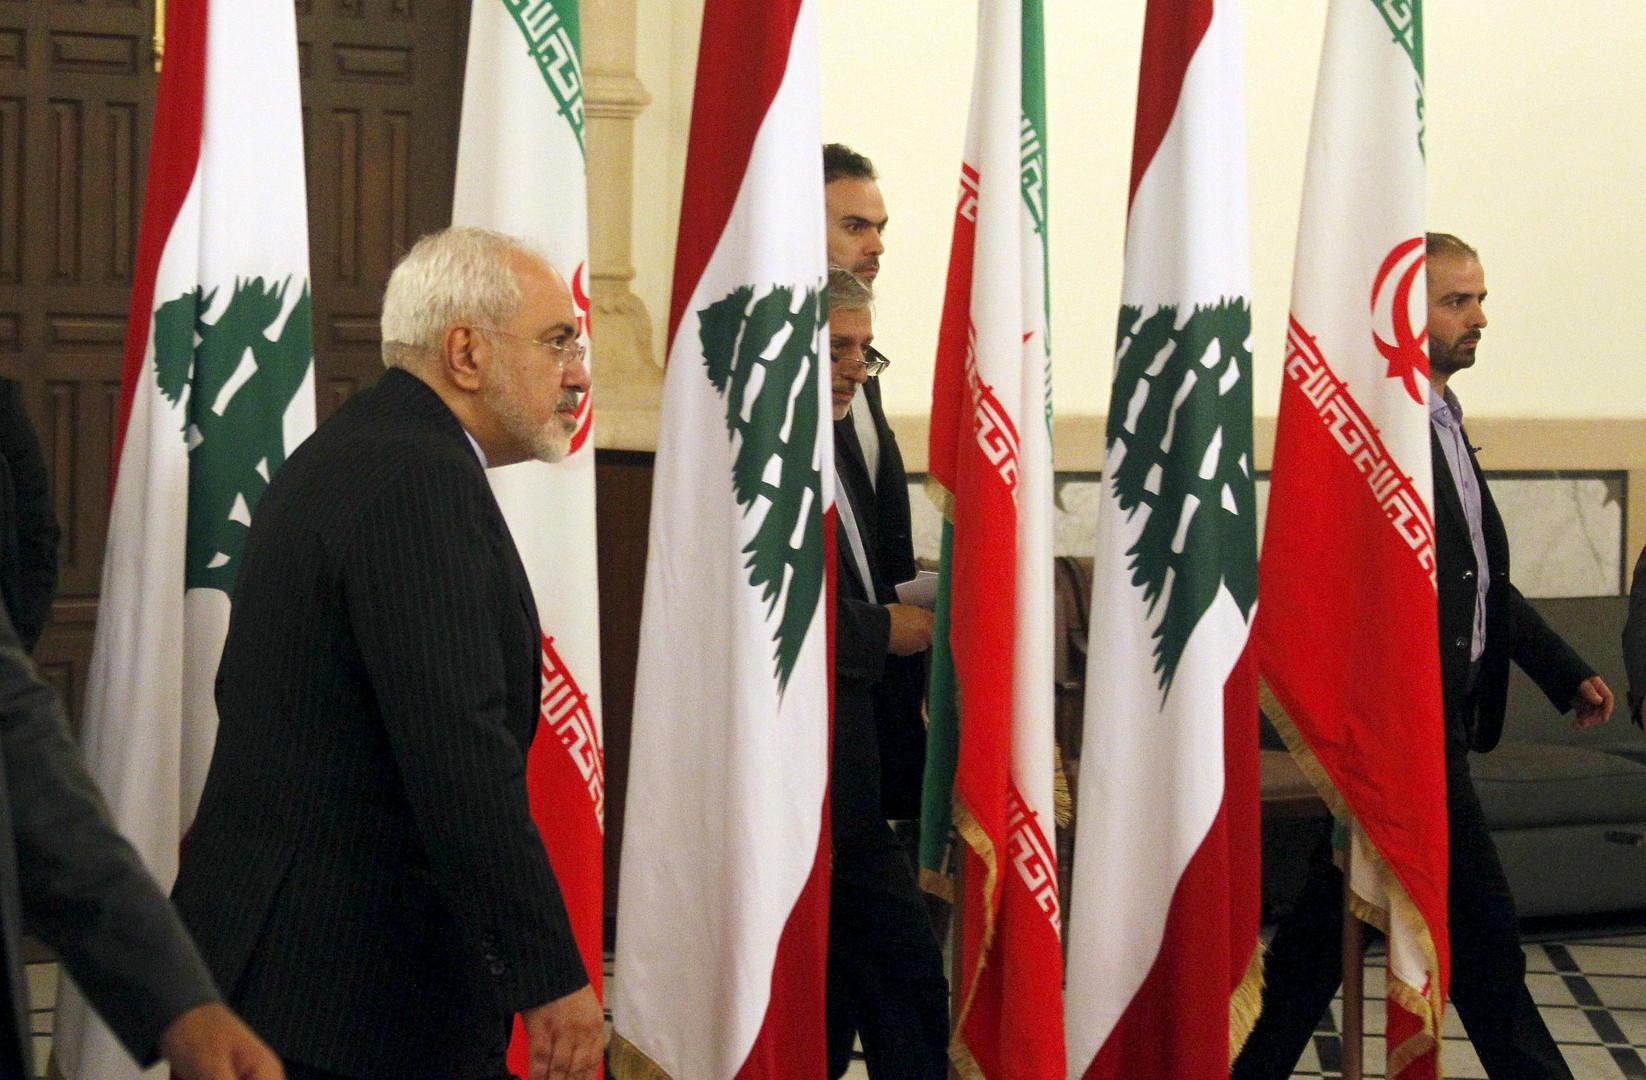 ظريف يوجه رسالة إلى لبنان واللبنانيين: أثبتم أن بالإمكان هزيمة إسرائيل